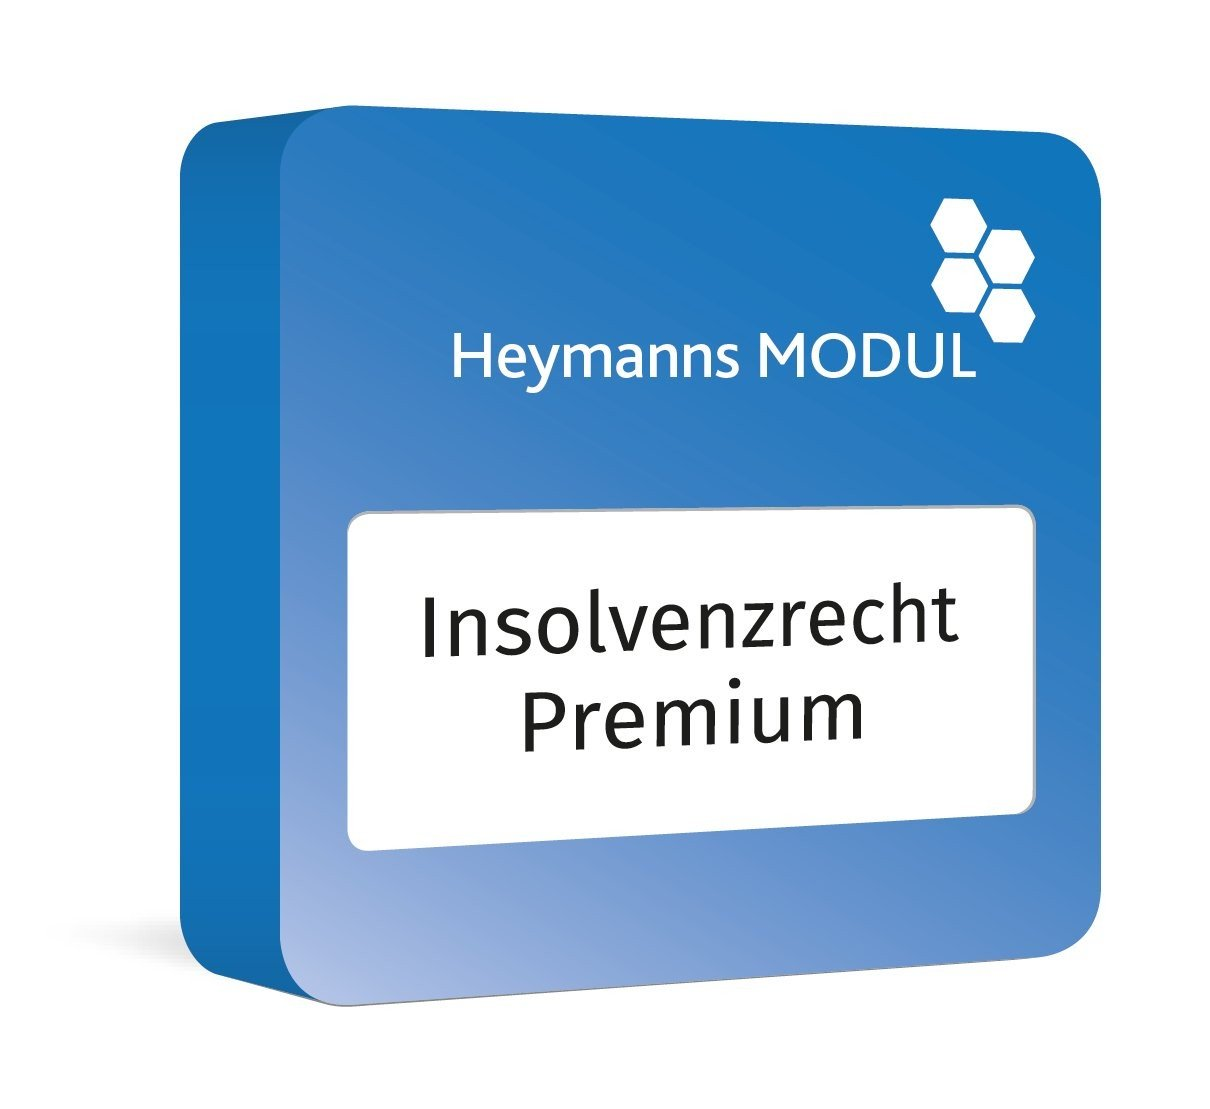 InsolvenzrechtPremium-Heymanns-Modul-Perspektive1-4c